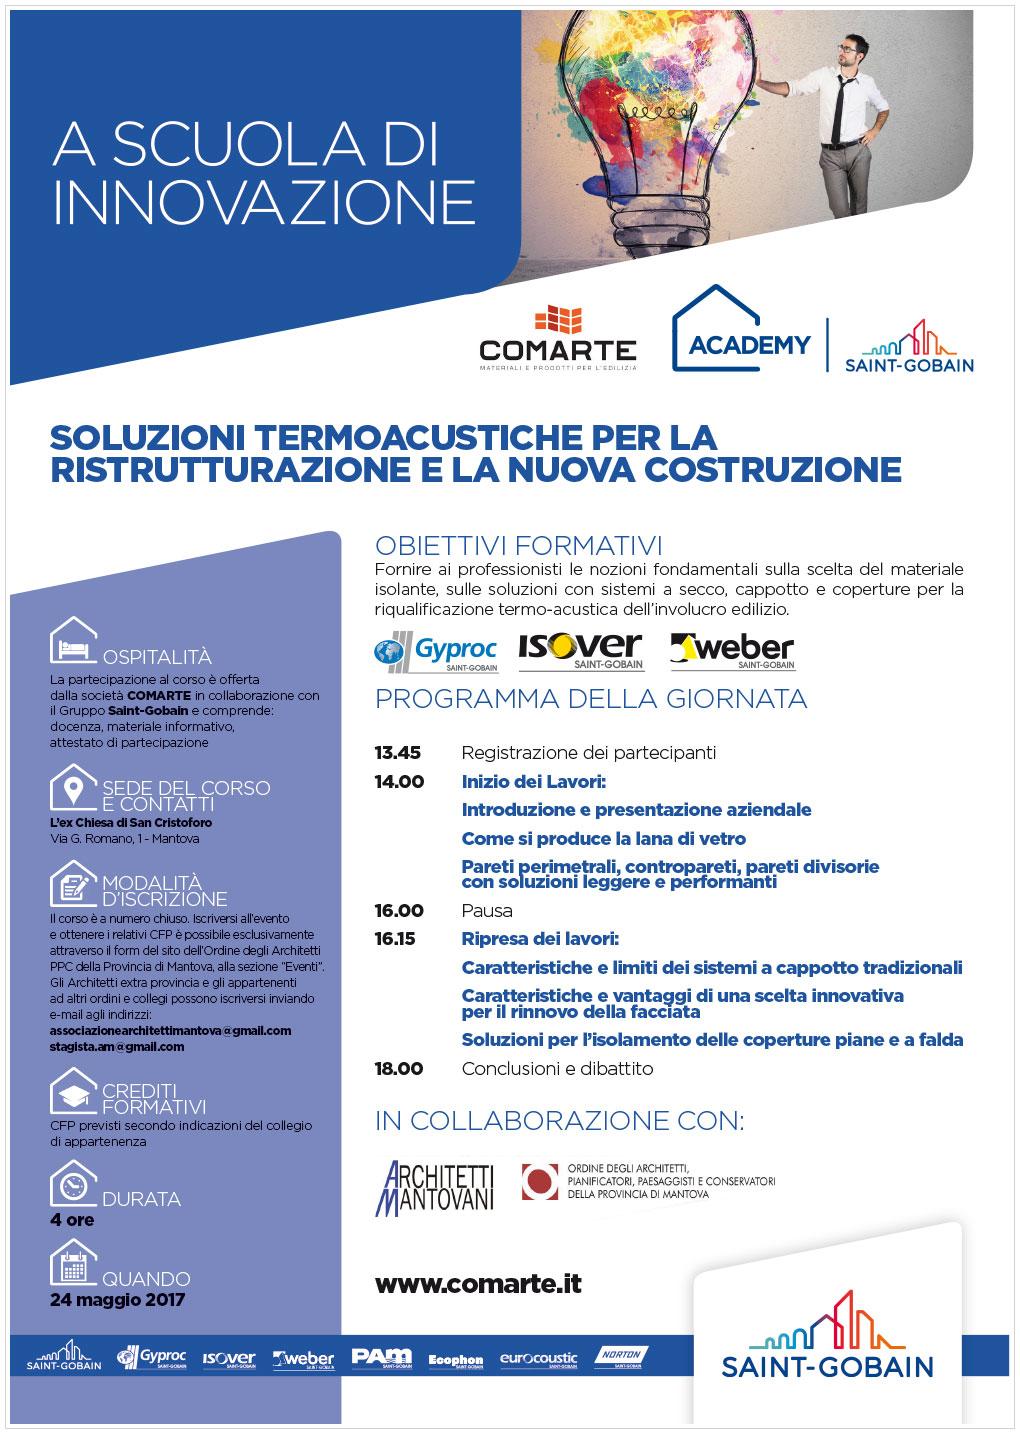 A scuola di innovazione | Mantova, 24 maggio 2017